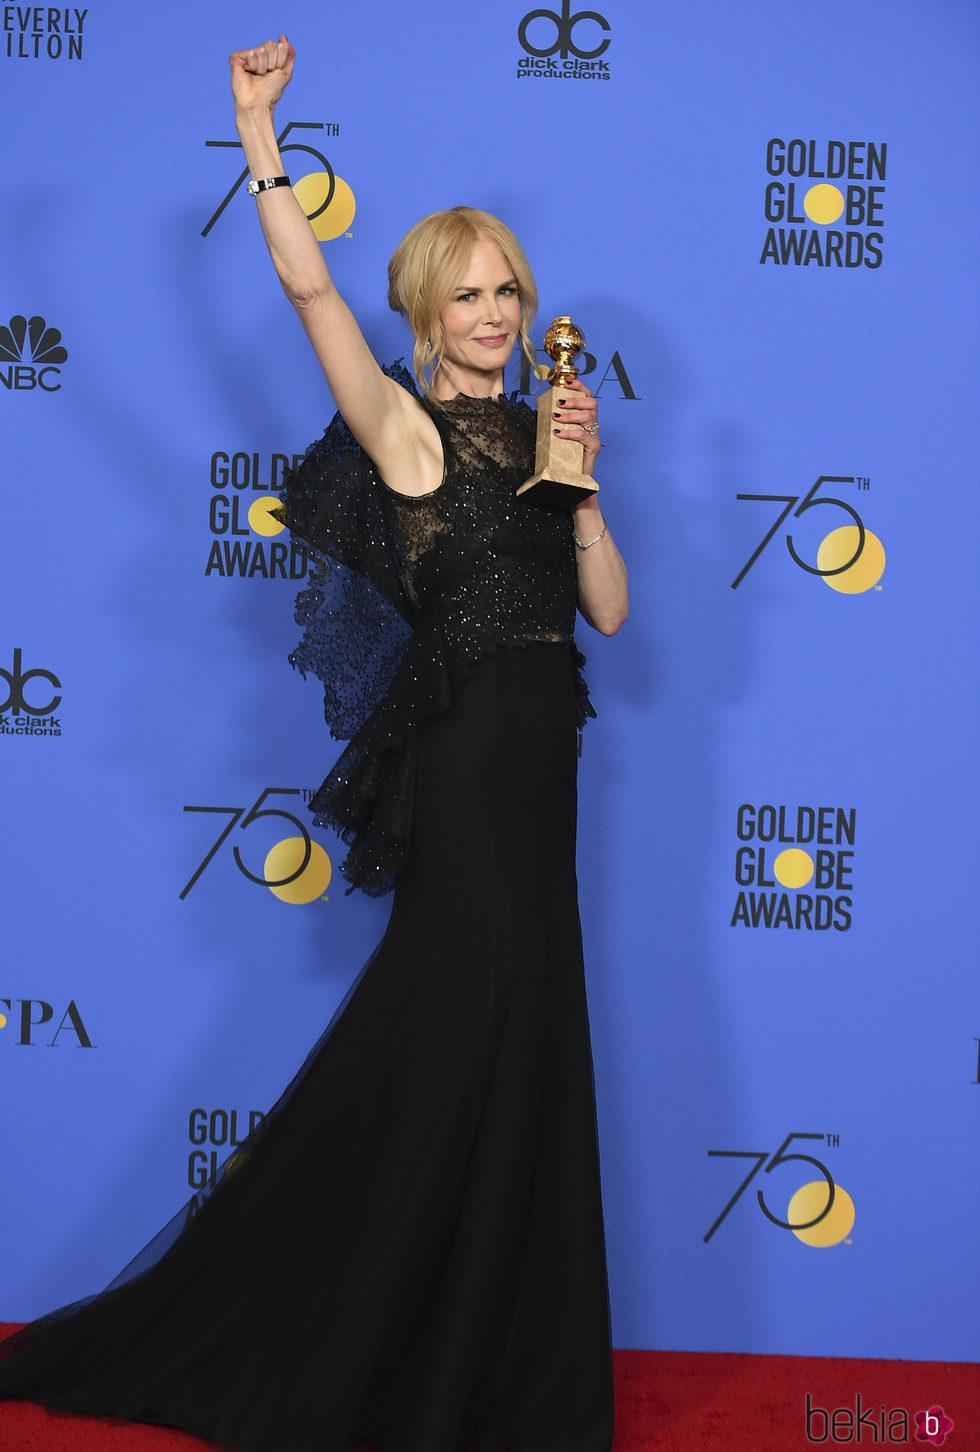 Nicole Kidman con su Globo de Oro 2018 por 'Big Little Lies'